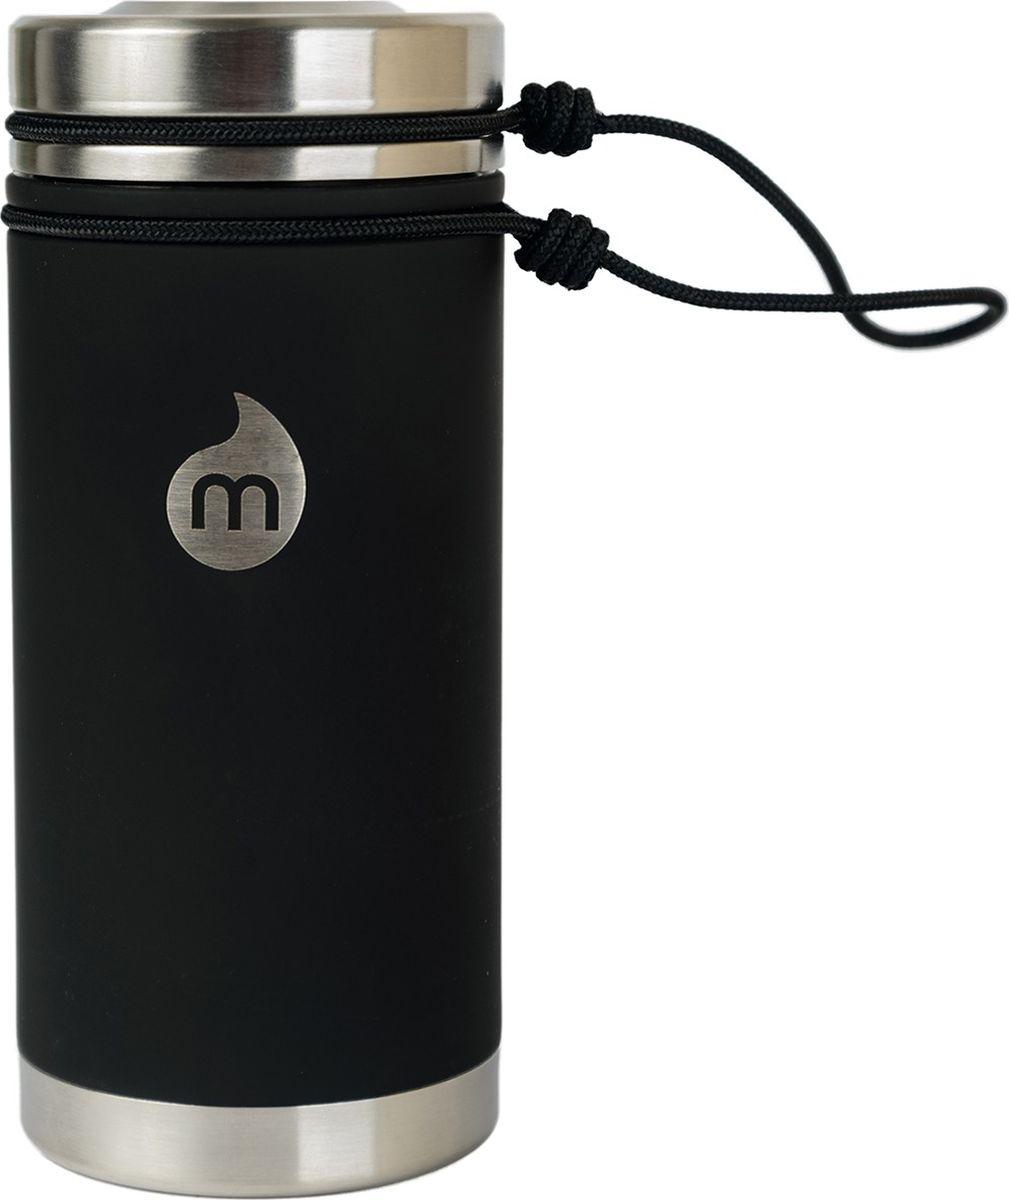 Термобутылка для жидкостей Mizu V5, цвет: черный, 500 мл813551020348Бутылка Mizu V5 выполнена из нержавеющей стали. Она создана для тех, кто любит брать с собой на работу, например, кофе или чай из дома. Кофейная крышка с дозатором, поэтому такую бутылку можно использовать и как термо-кружку, и как практичный походный термос. Объем: 500 мл. Диаметр: 7,5 см. Высота (с крышкой): 12,6 см. Вес: 263 г.